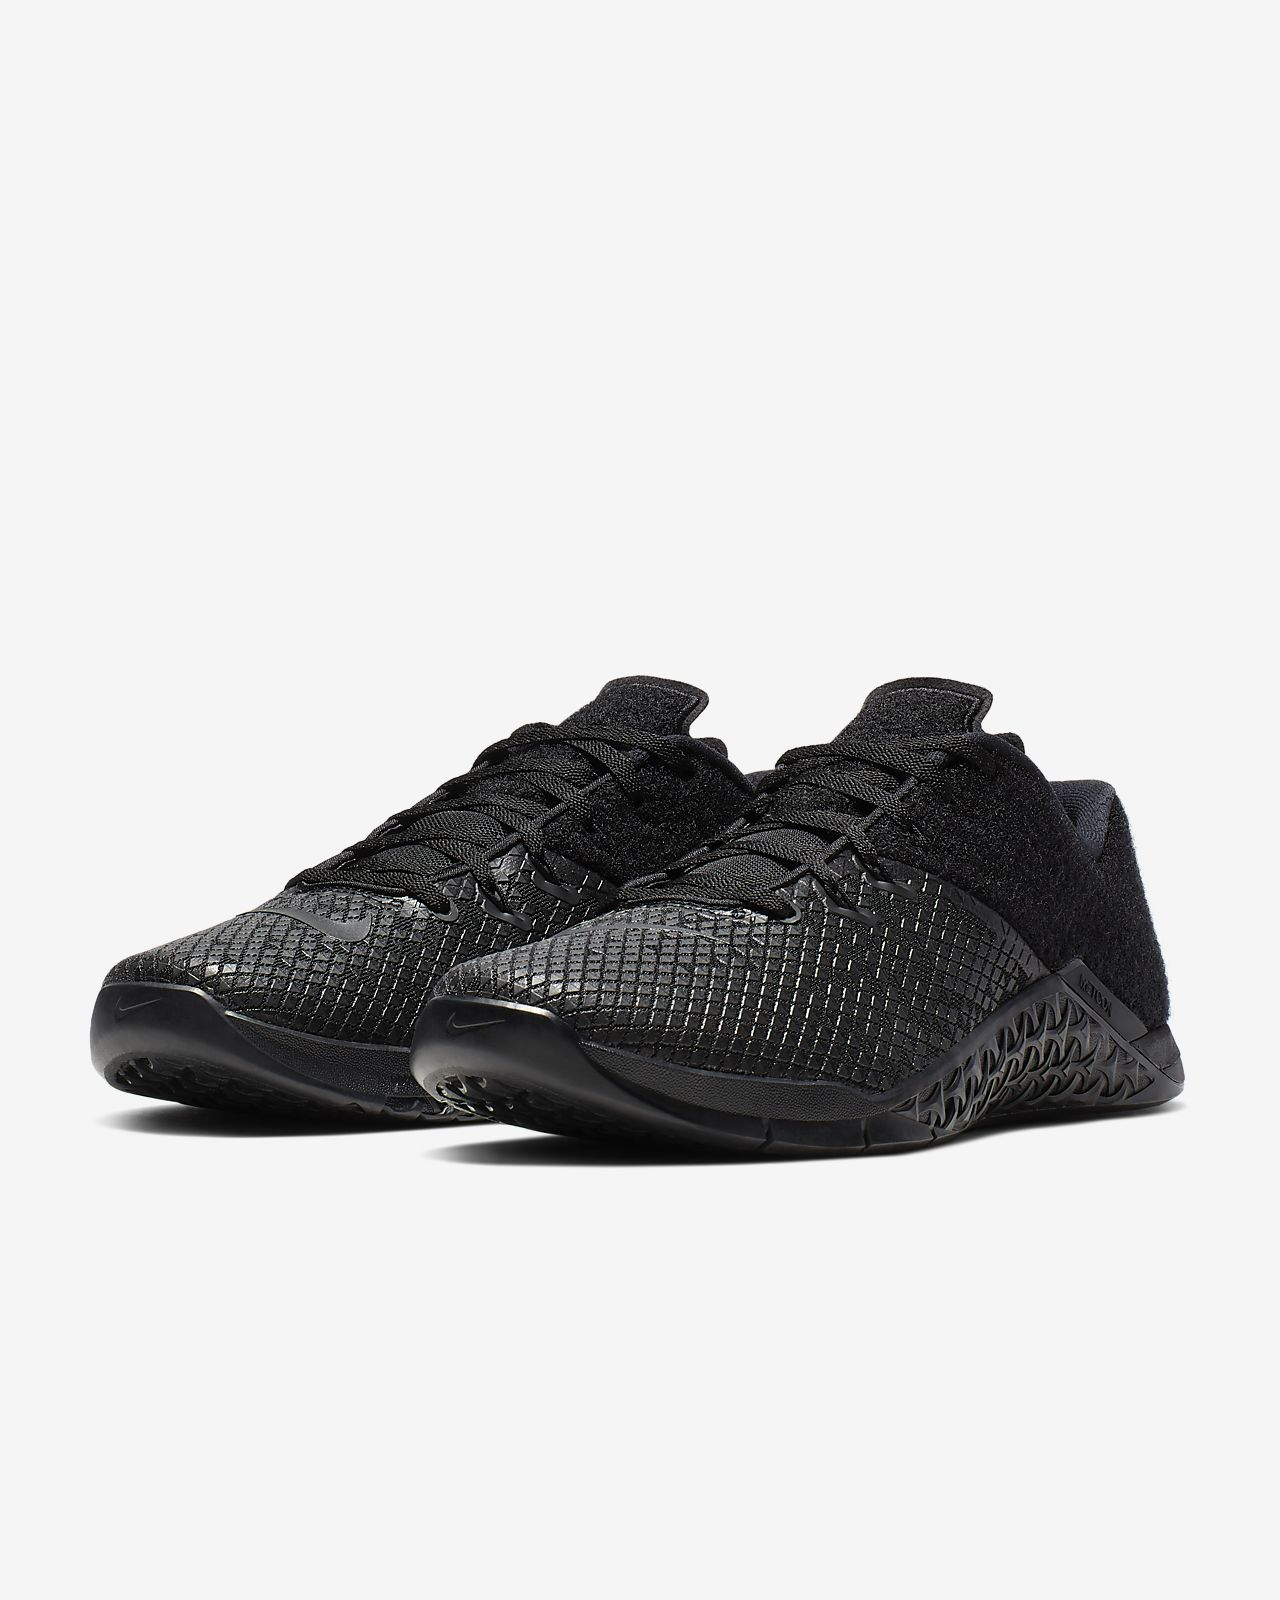 wholesale dealer 45a70 d1bc4 ... Nike Metcon 4 XD Patch Men s Training Shoe